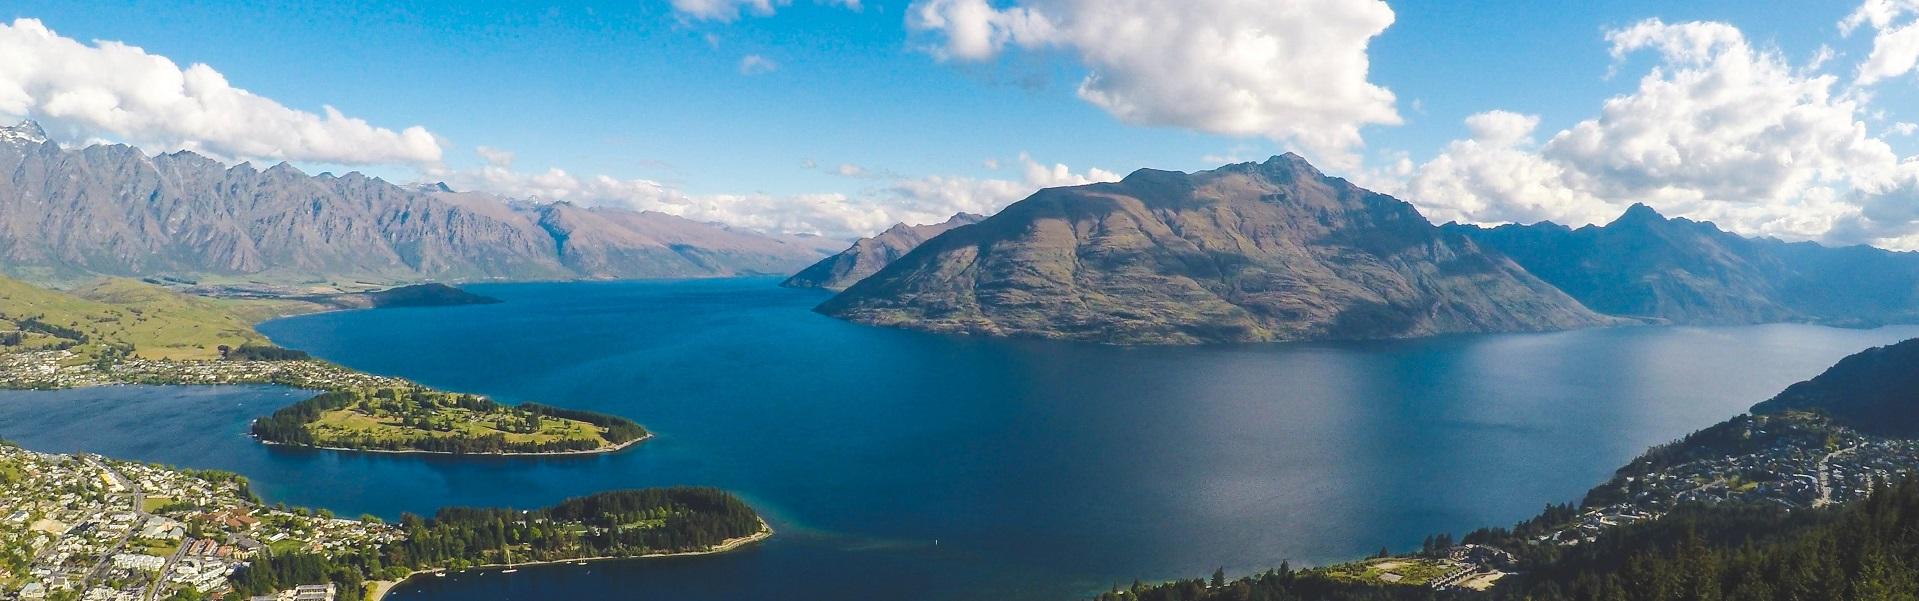 Berg umgeben von einem See und mehreren Inseln